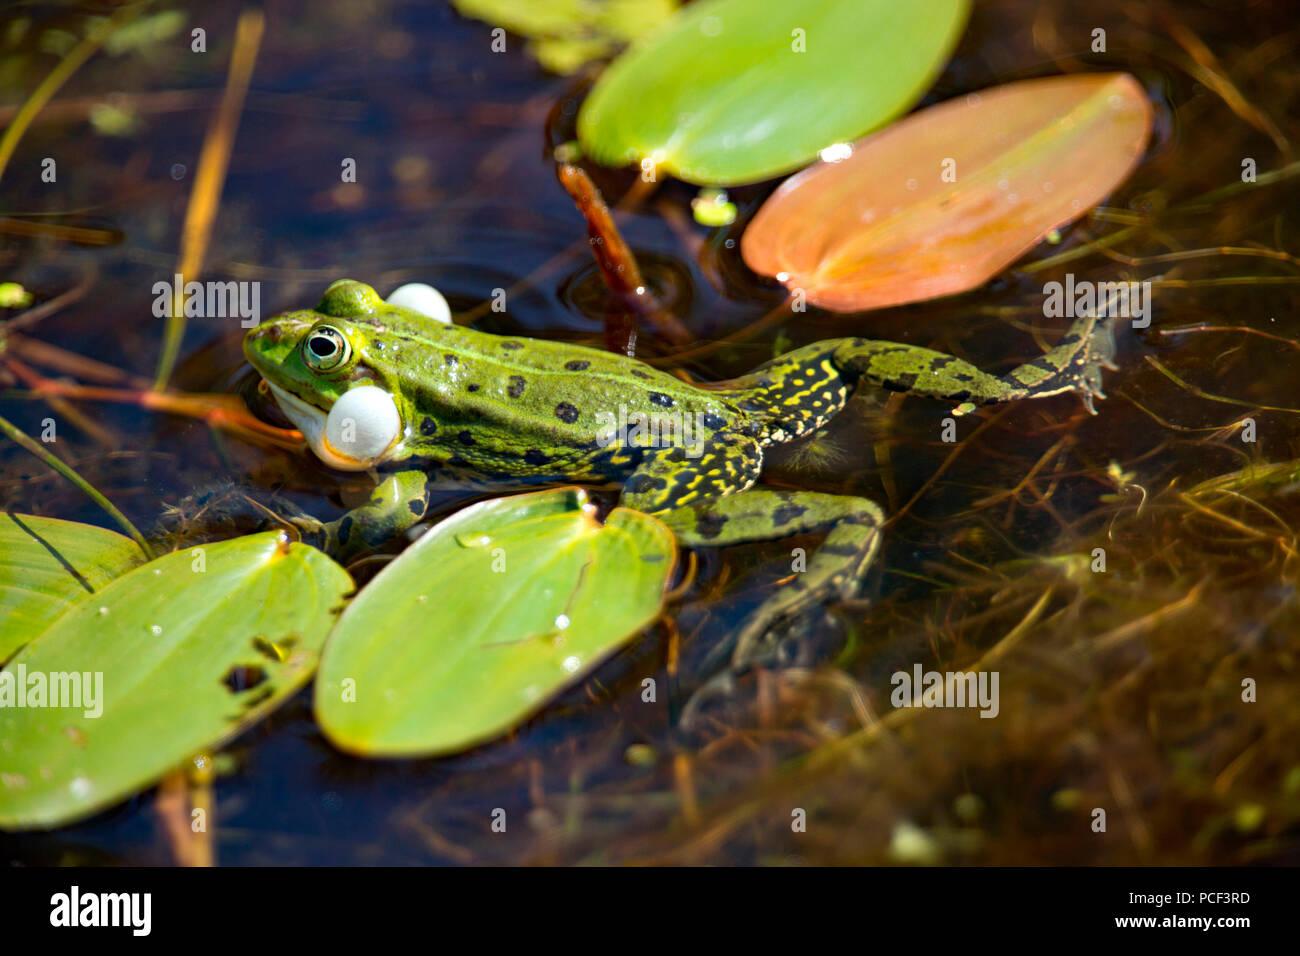 edible frog, (Rana esculenta) - Stock Image